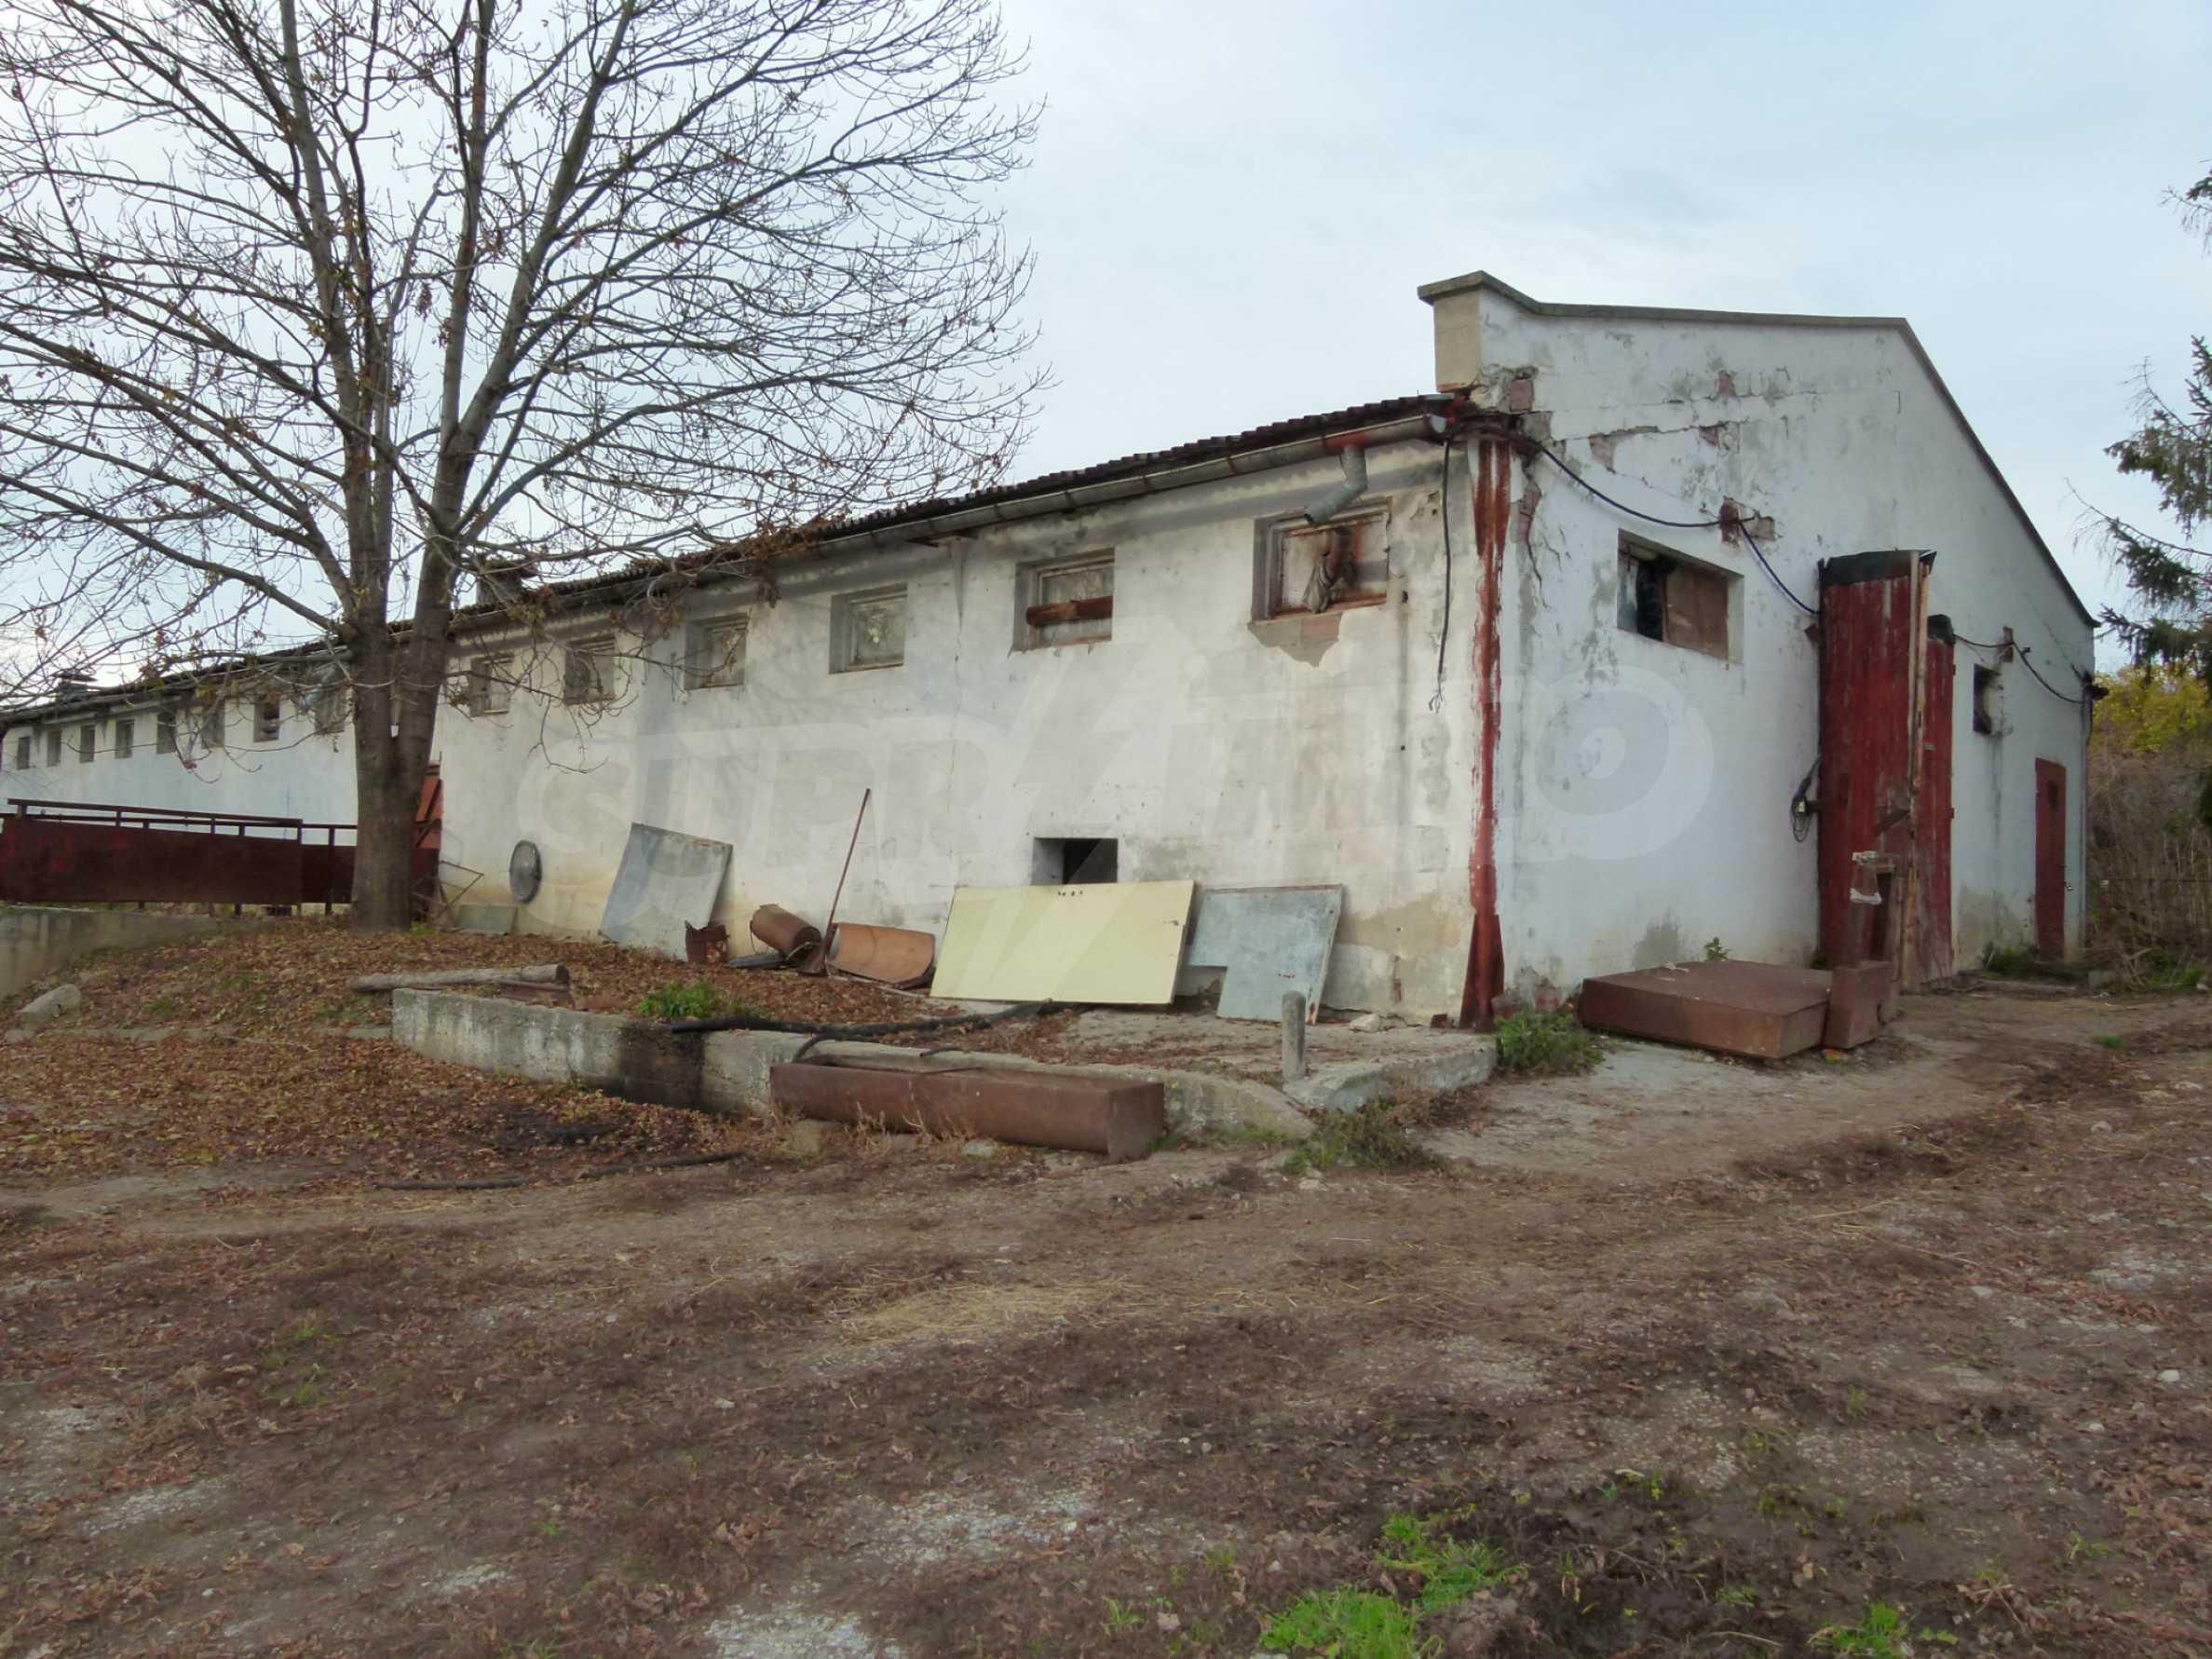 Ein Nebengebäude in einer kleinen Stadt 24 km von Veliko Tarnovo entfernt 1